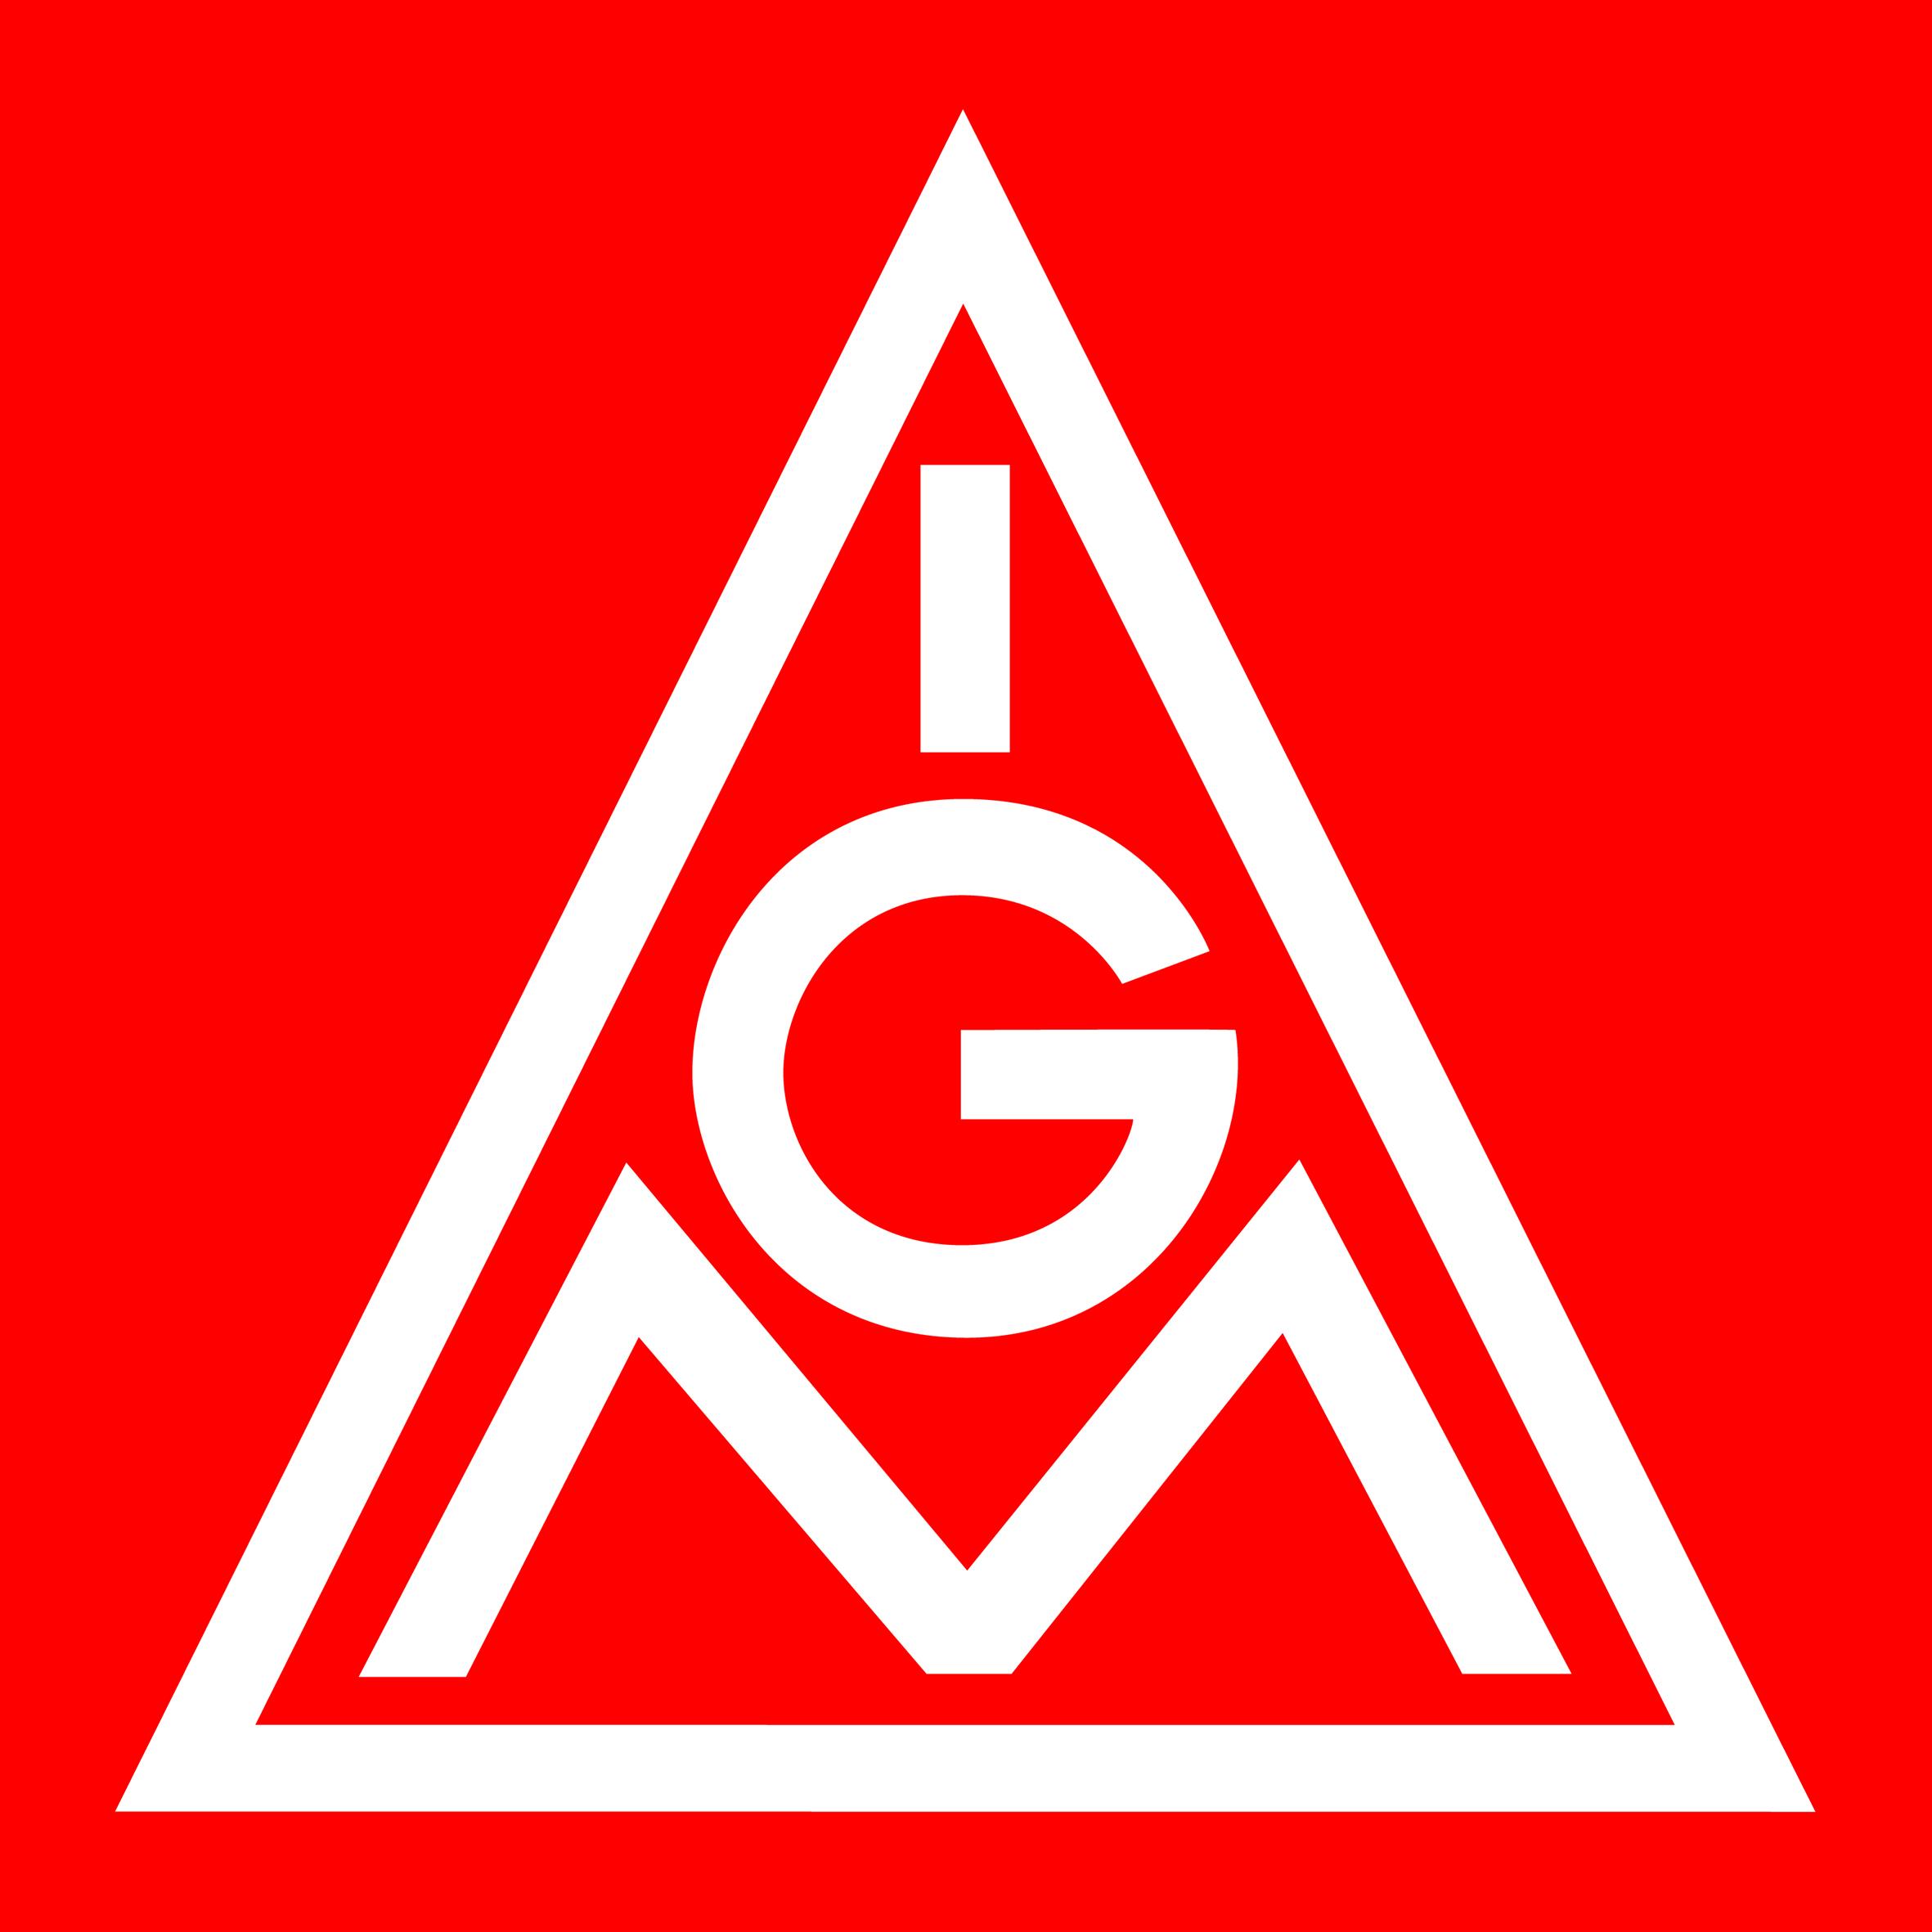 http://igmetall-schaeffler.de/fileadmin/01_Redaktion_Schaeffler/02-Downloads/logos/IGM.jpg